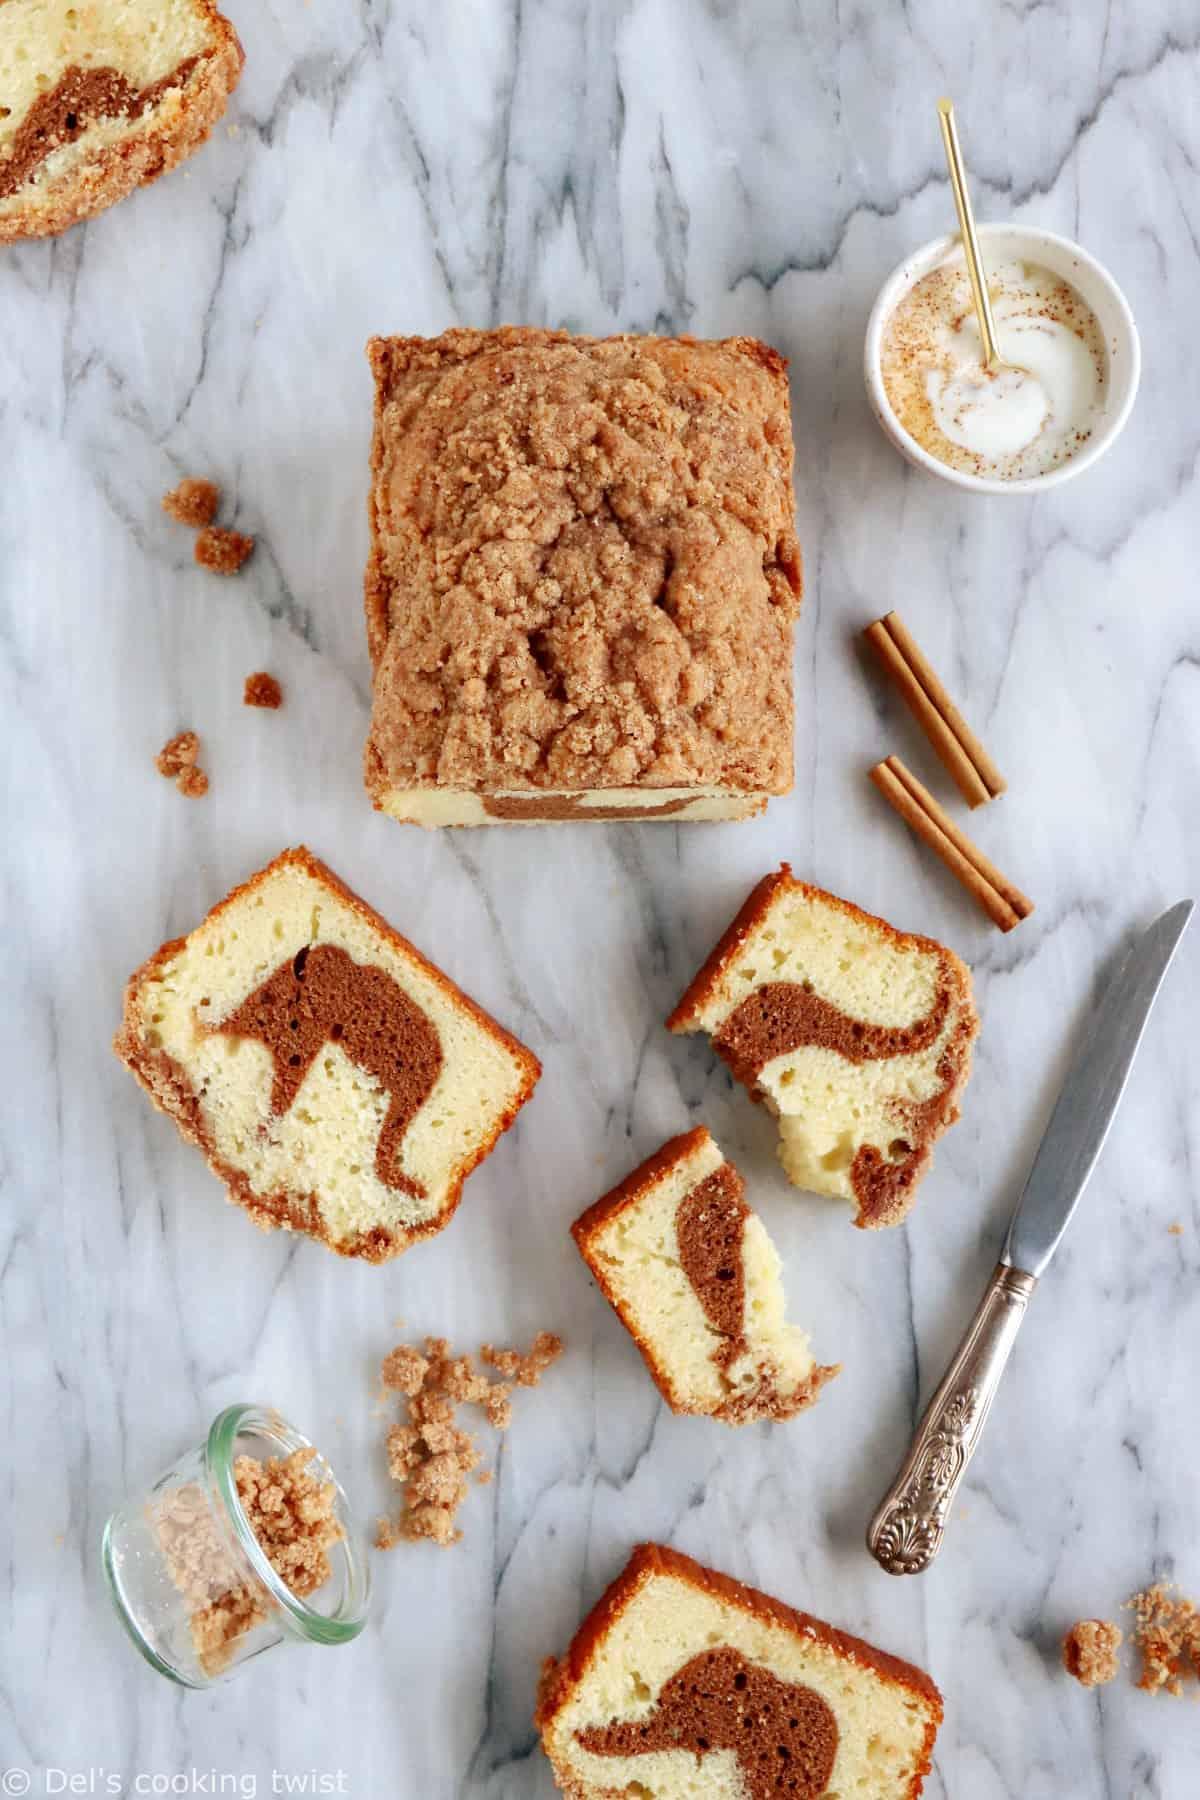 Le cake marbré à la cannelle est une recette toute simple délicieusement parfumée à la cannelle.